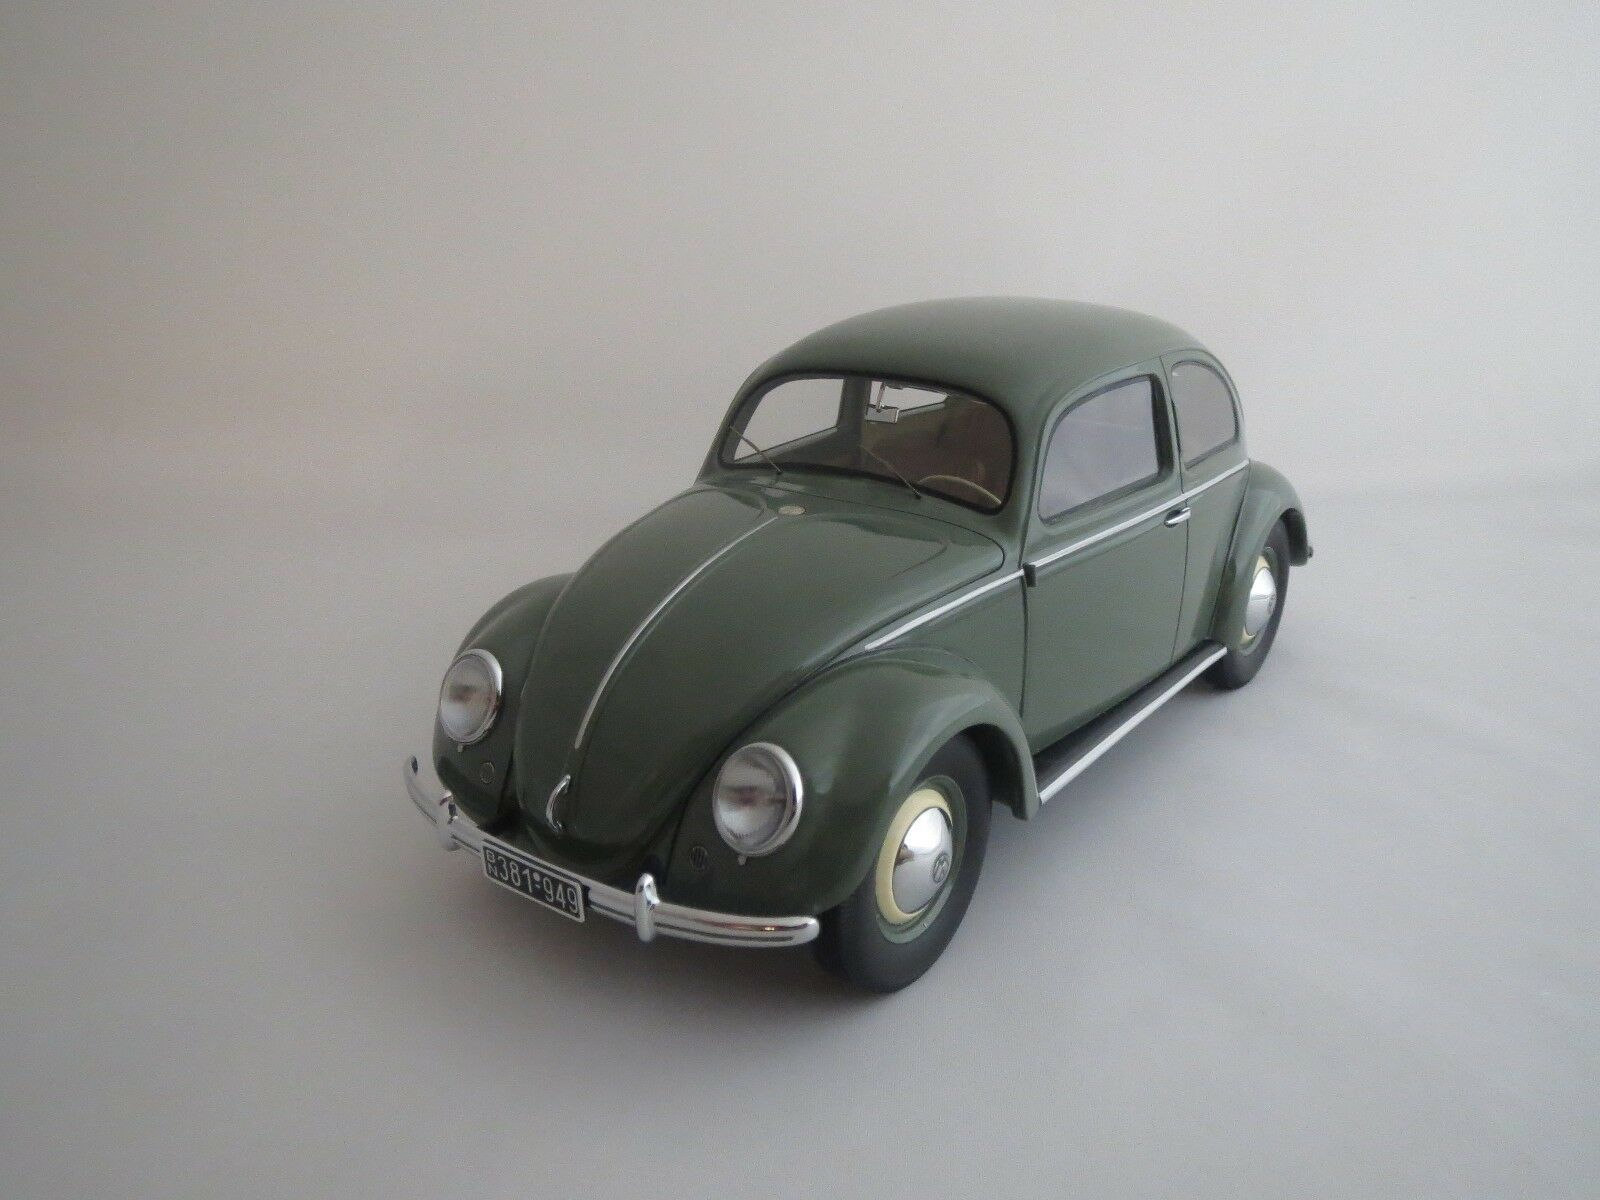 autentico en linea Minichamps volkswagen volkswagen volkswagen esCocheabajo Saloon  1949  (verde-gris) 1 18 sin embalaje   ahorra hasta un 70%